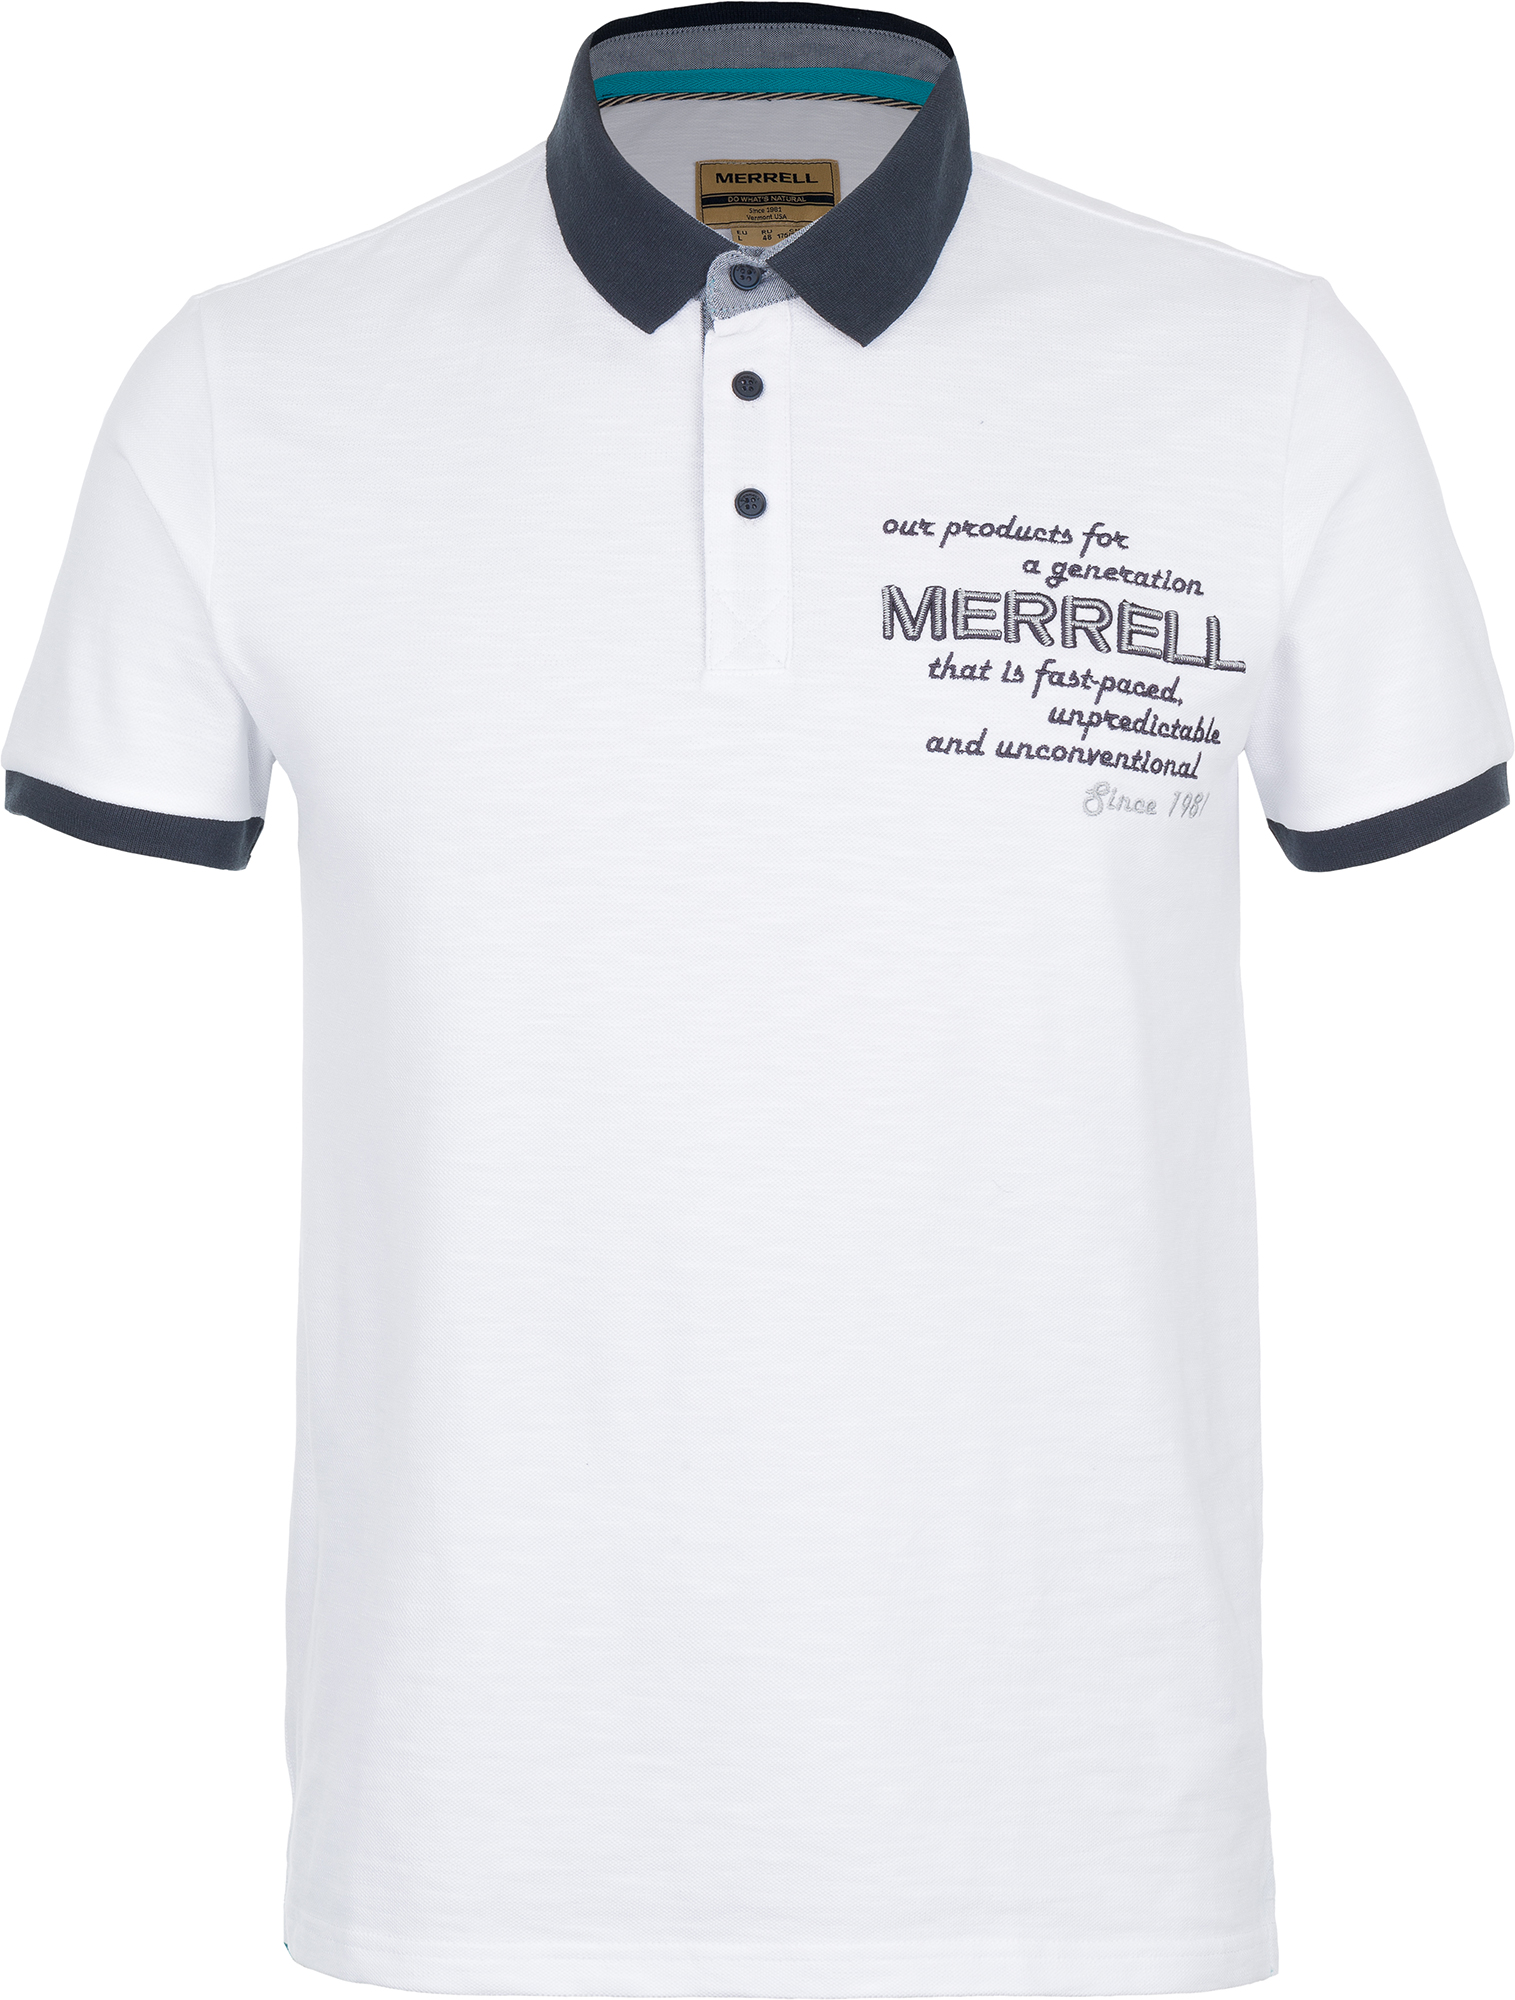 Merrell Поло мужское Merrell markslojd торшер markslojd fredrikshamn 105022